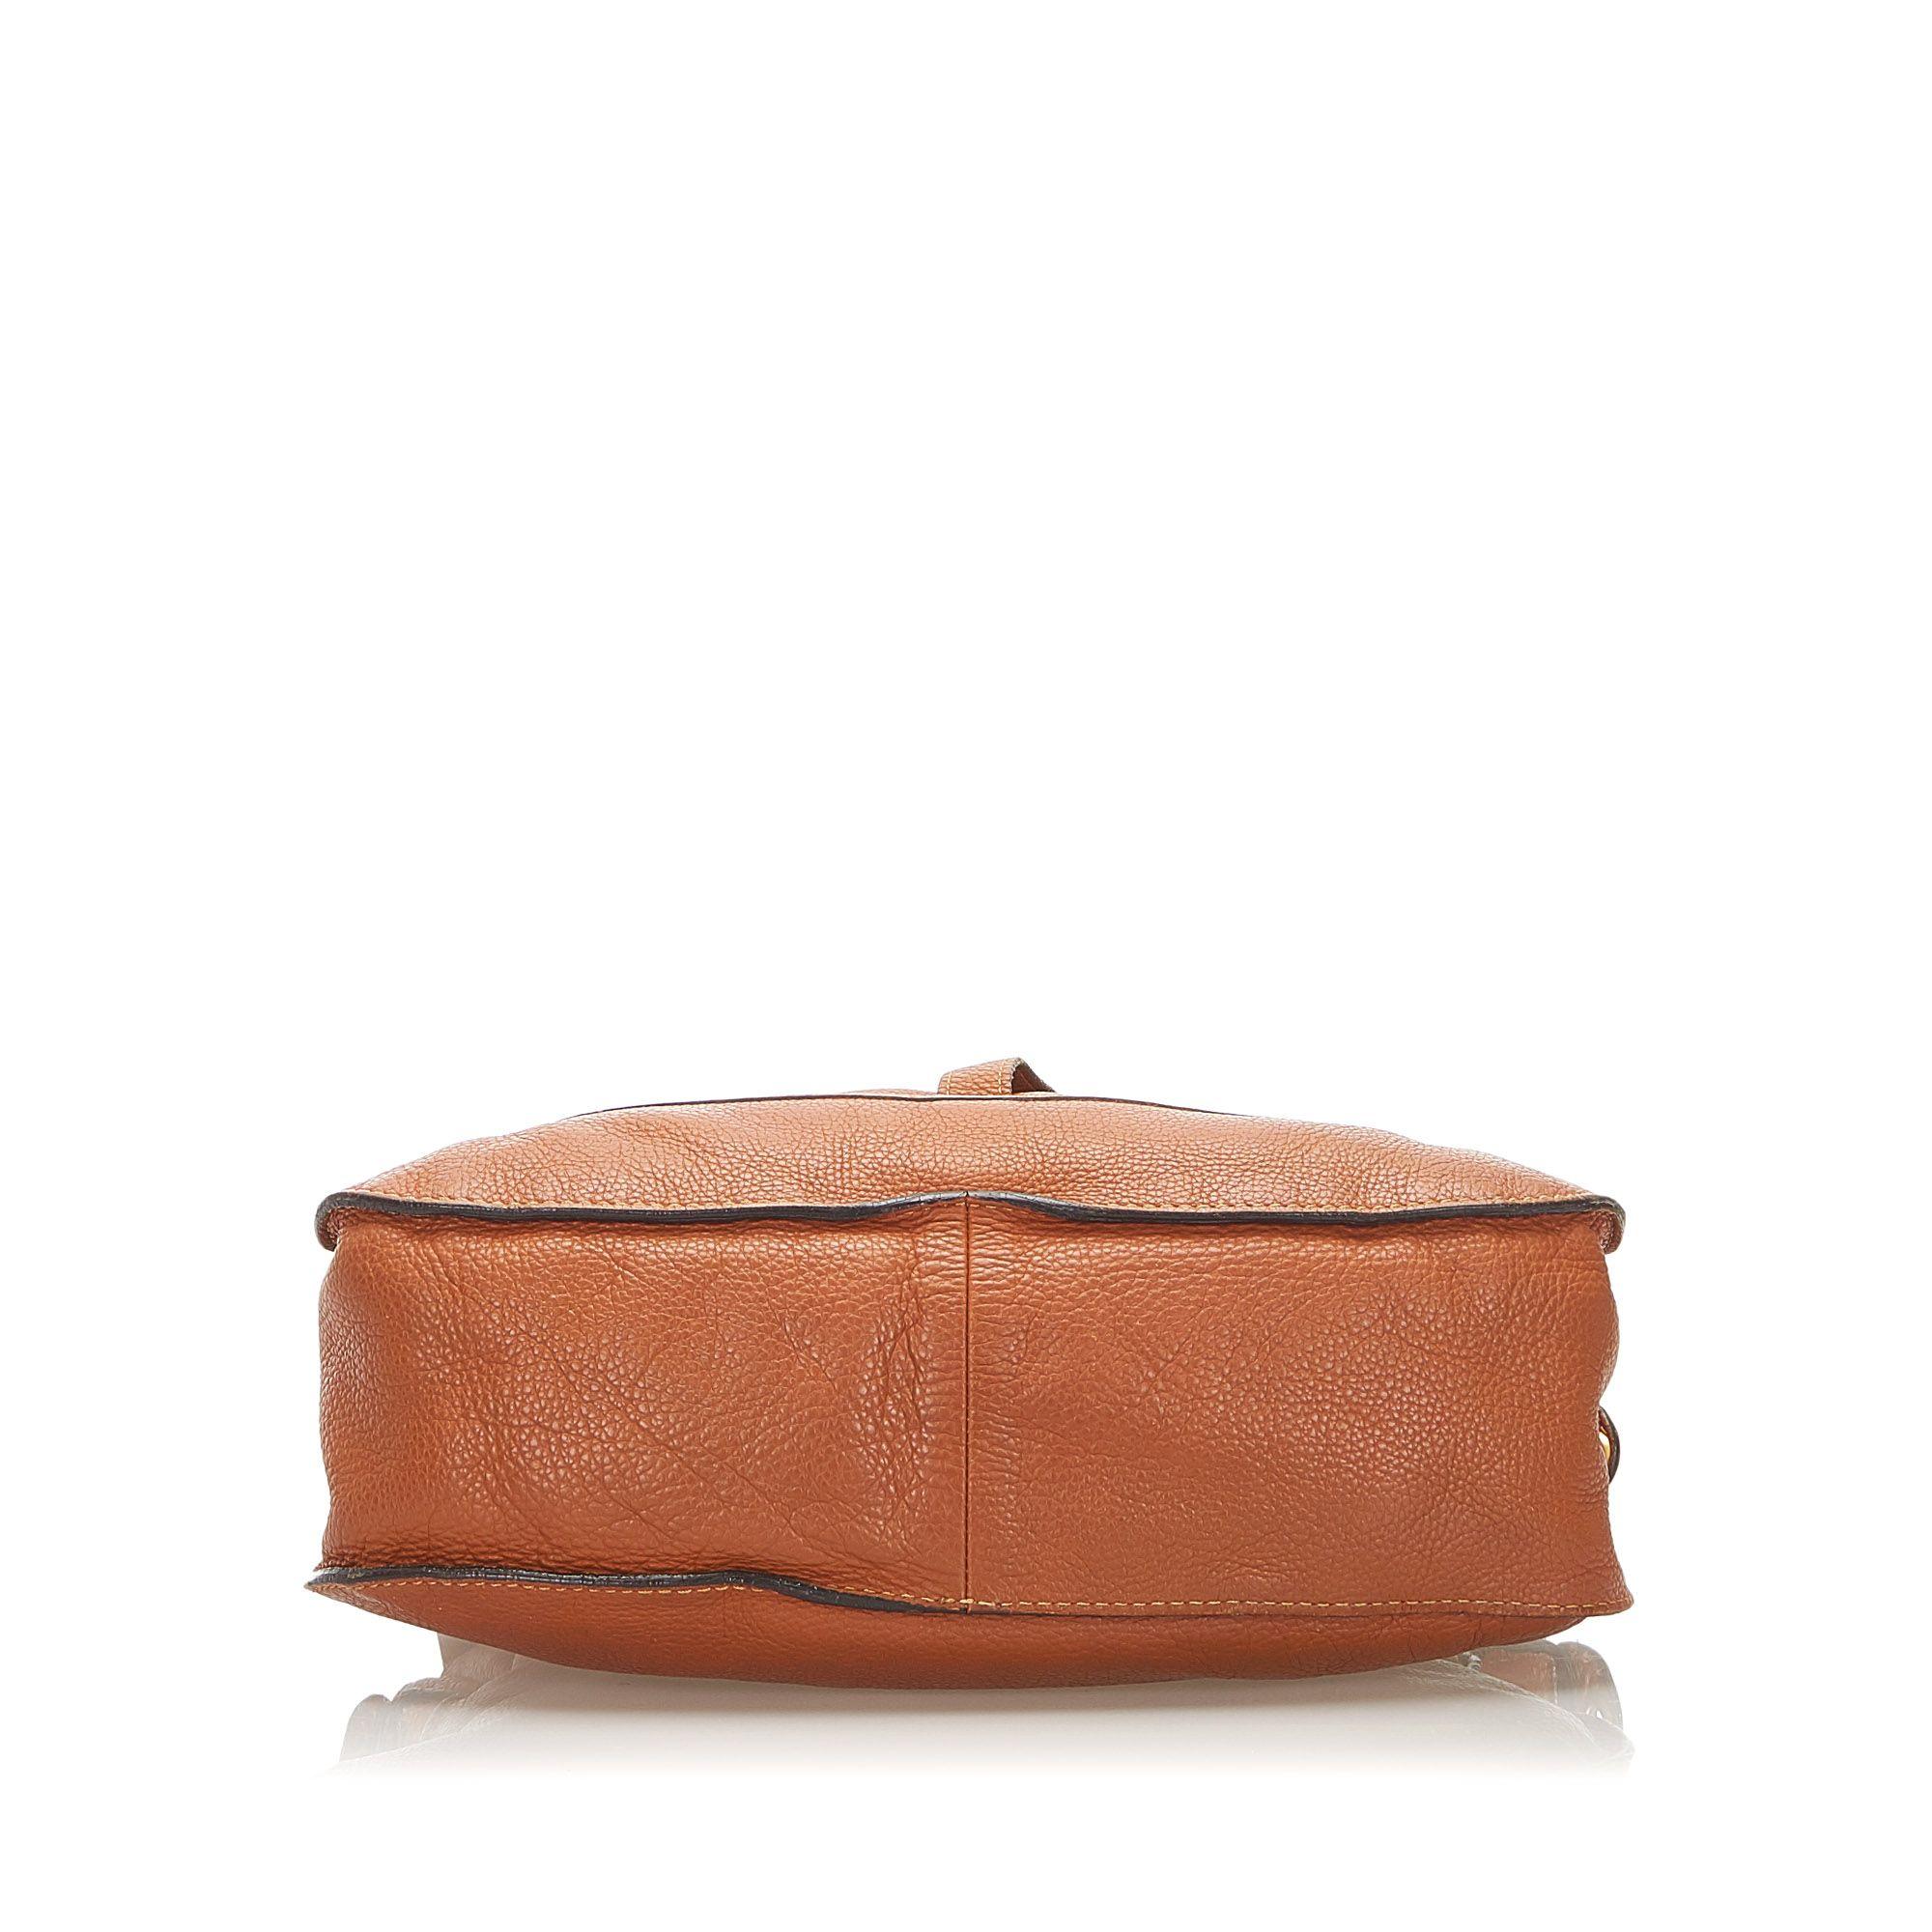 Vintage Chloe Marcie Leather Satchel Brown